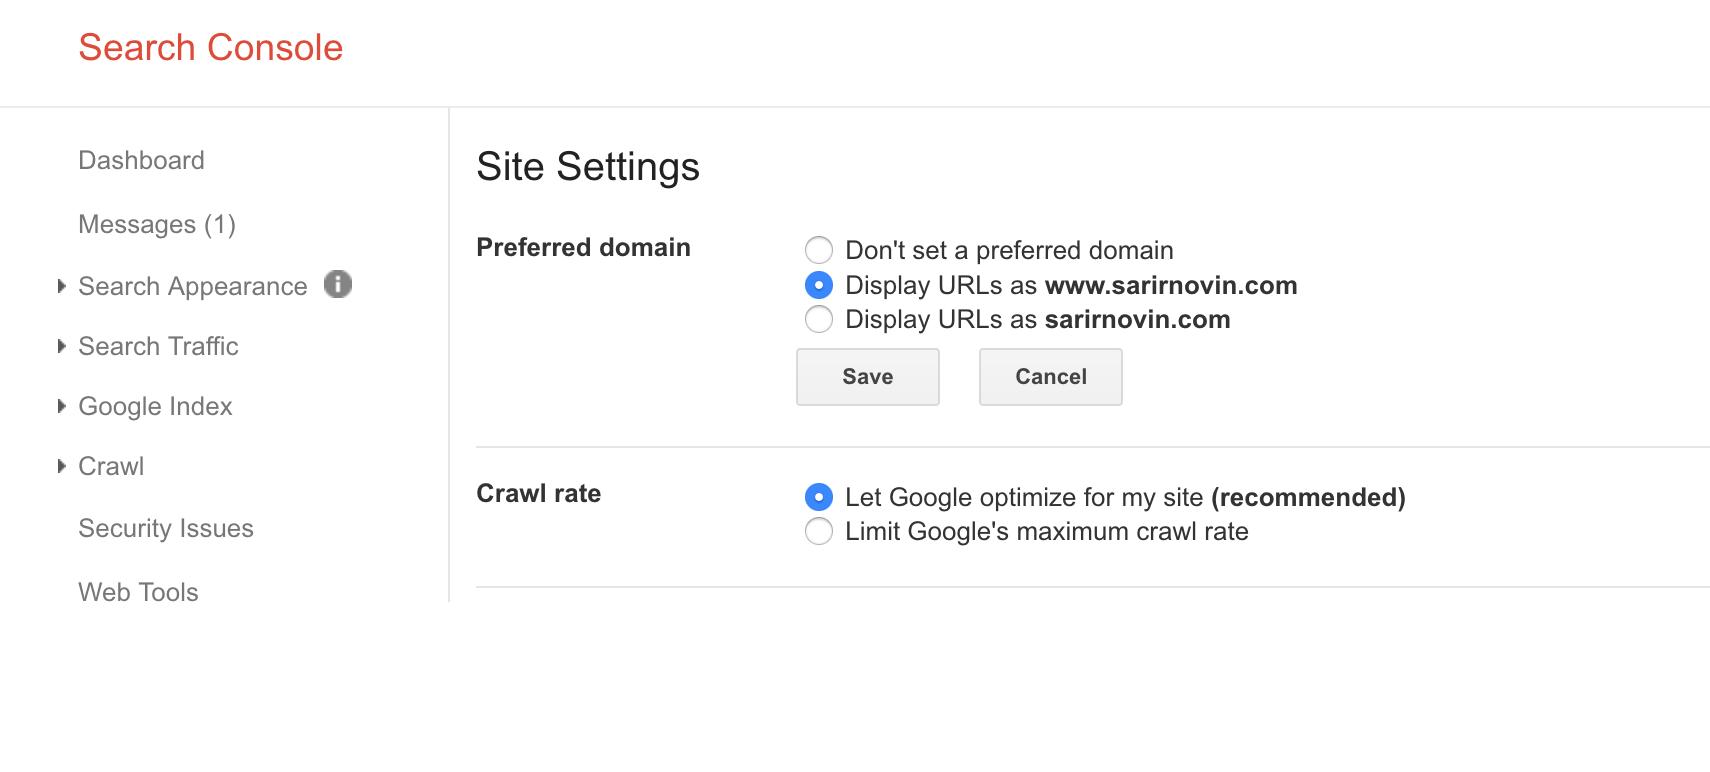 معرفی دامنه اصلی به گوگل جهت نمایش با حالت www یا بدون آن